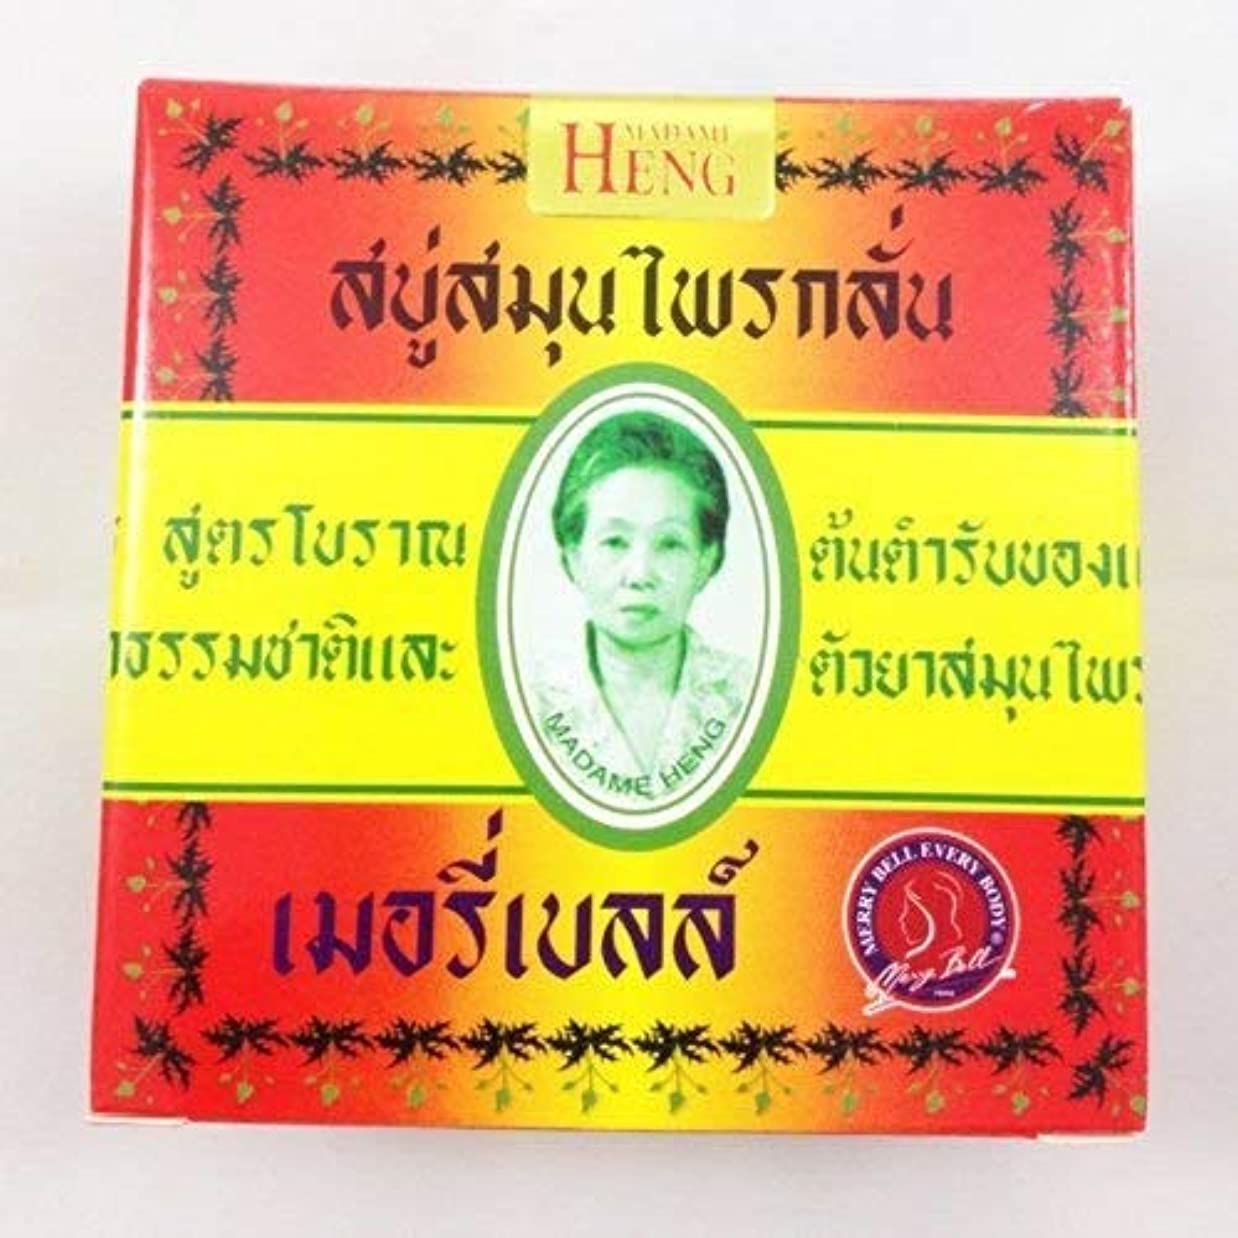 知覚するおもしろい不愉快Madame Heng Thai Original Natural Herbal Soap Bar Made in Thailand 160gx2pcs by Ni Yom Thai shop